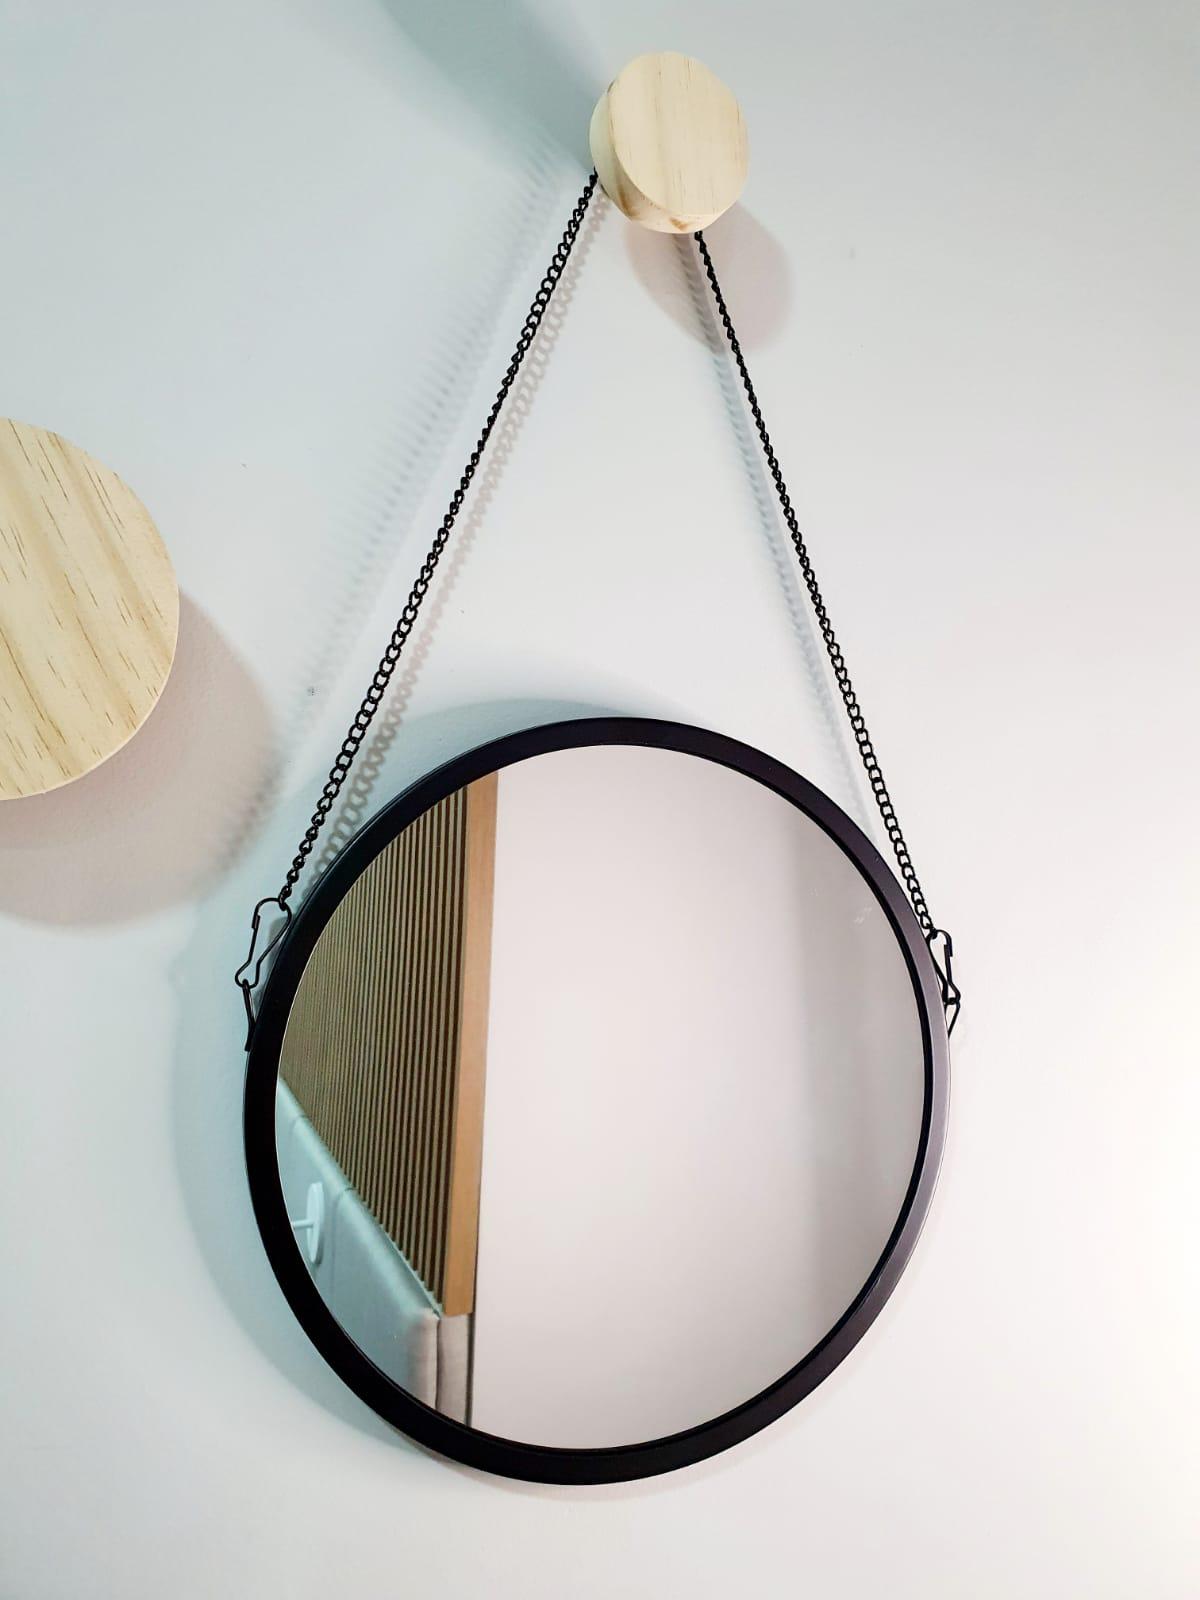 Espelho ADENET redondo com corrente 28cm